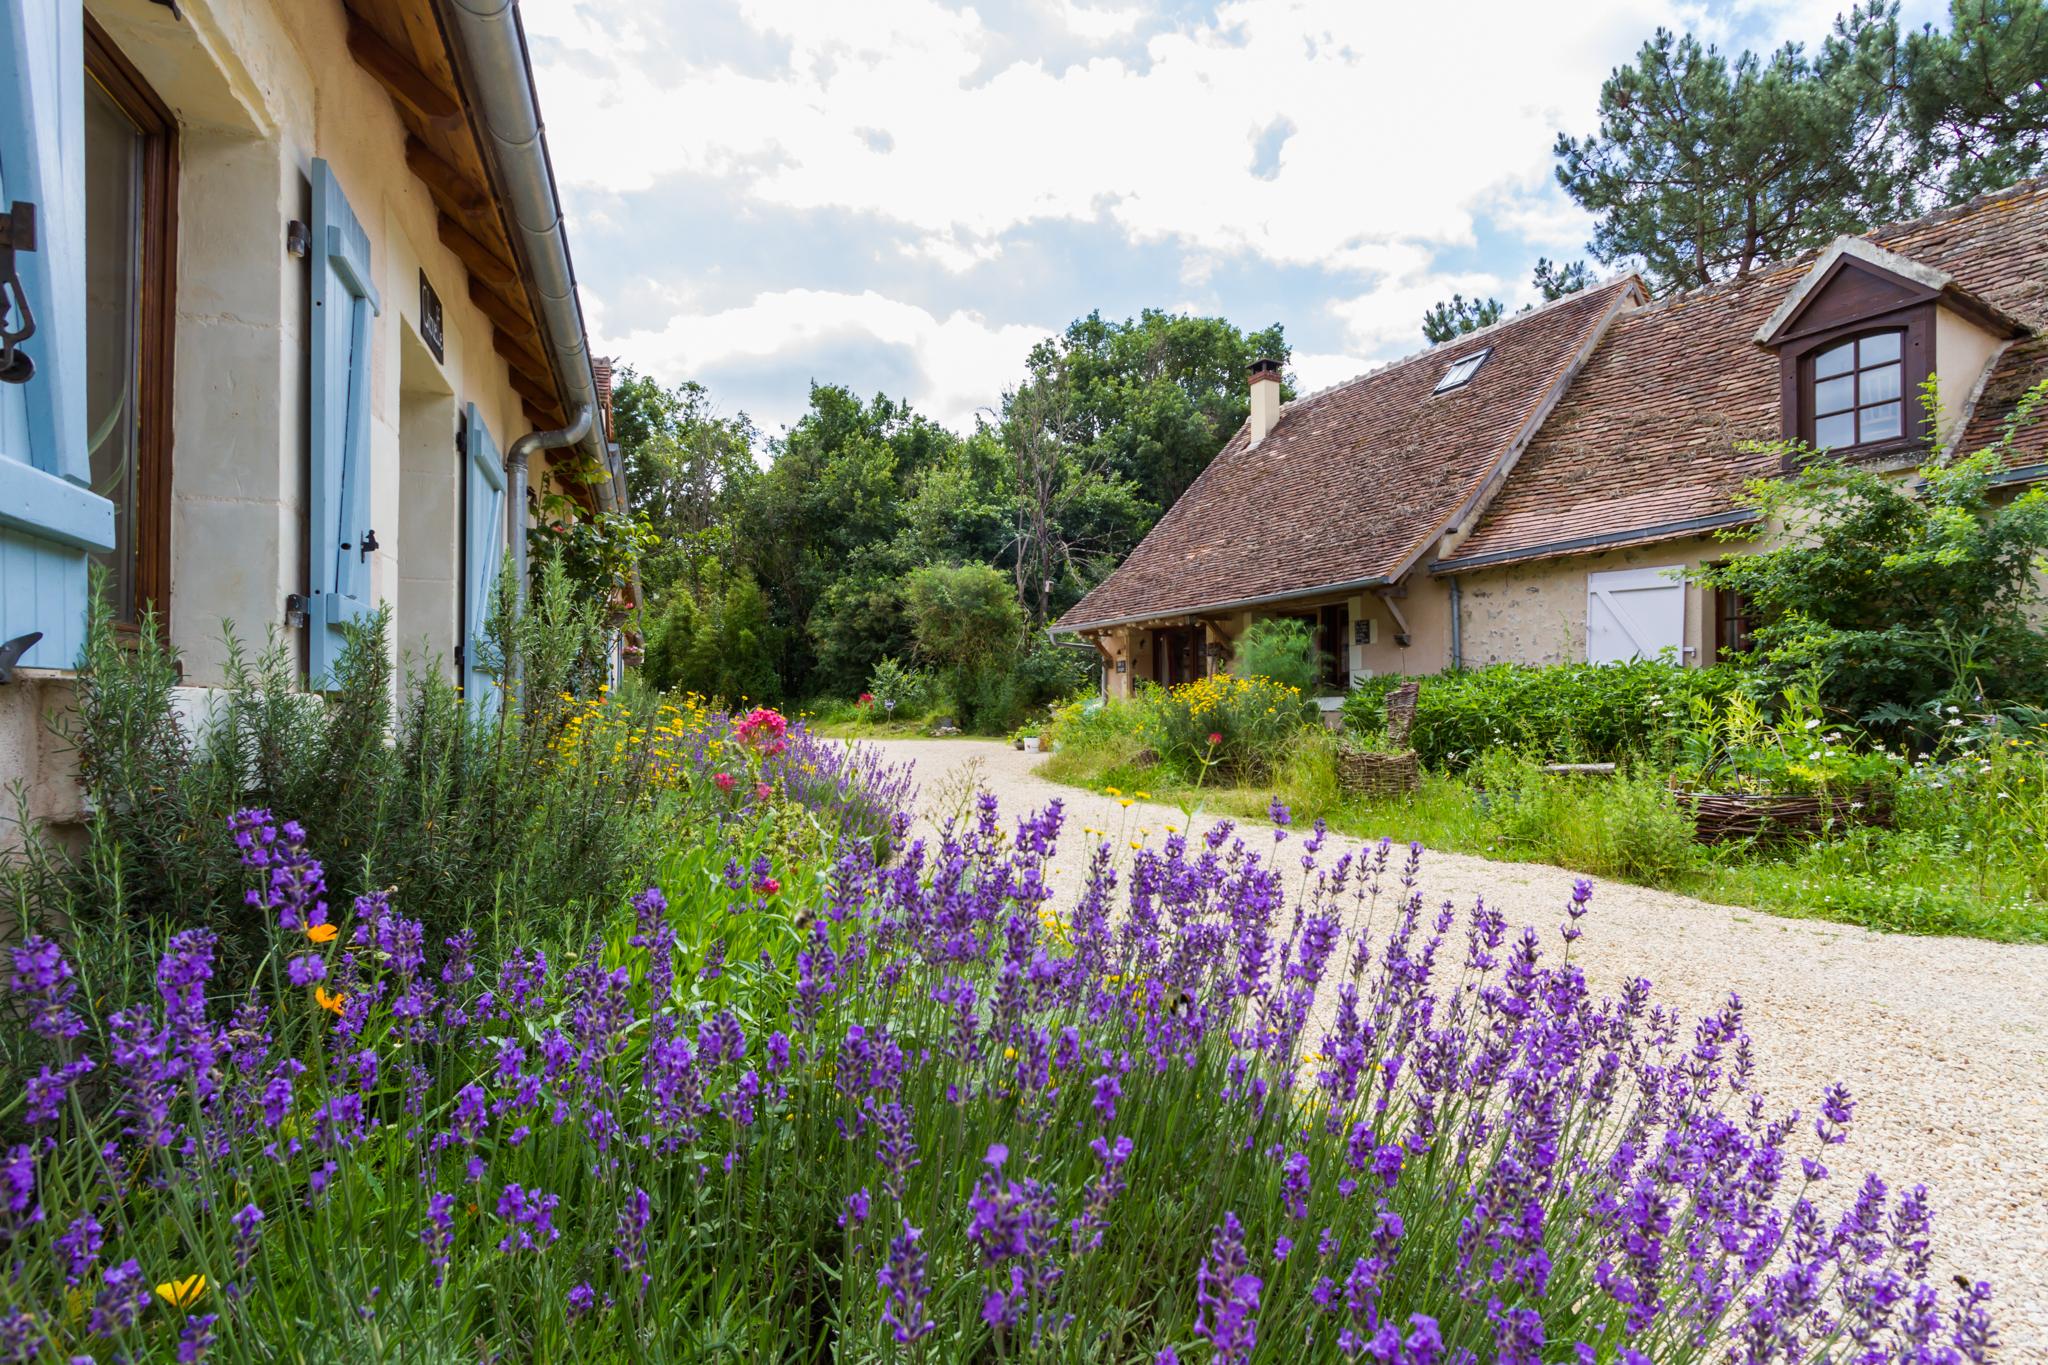 Brenne & Berry in de La Brenne in Frankrijk. Foto is gemaakt door Leo Deknatel